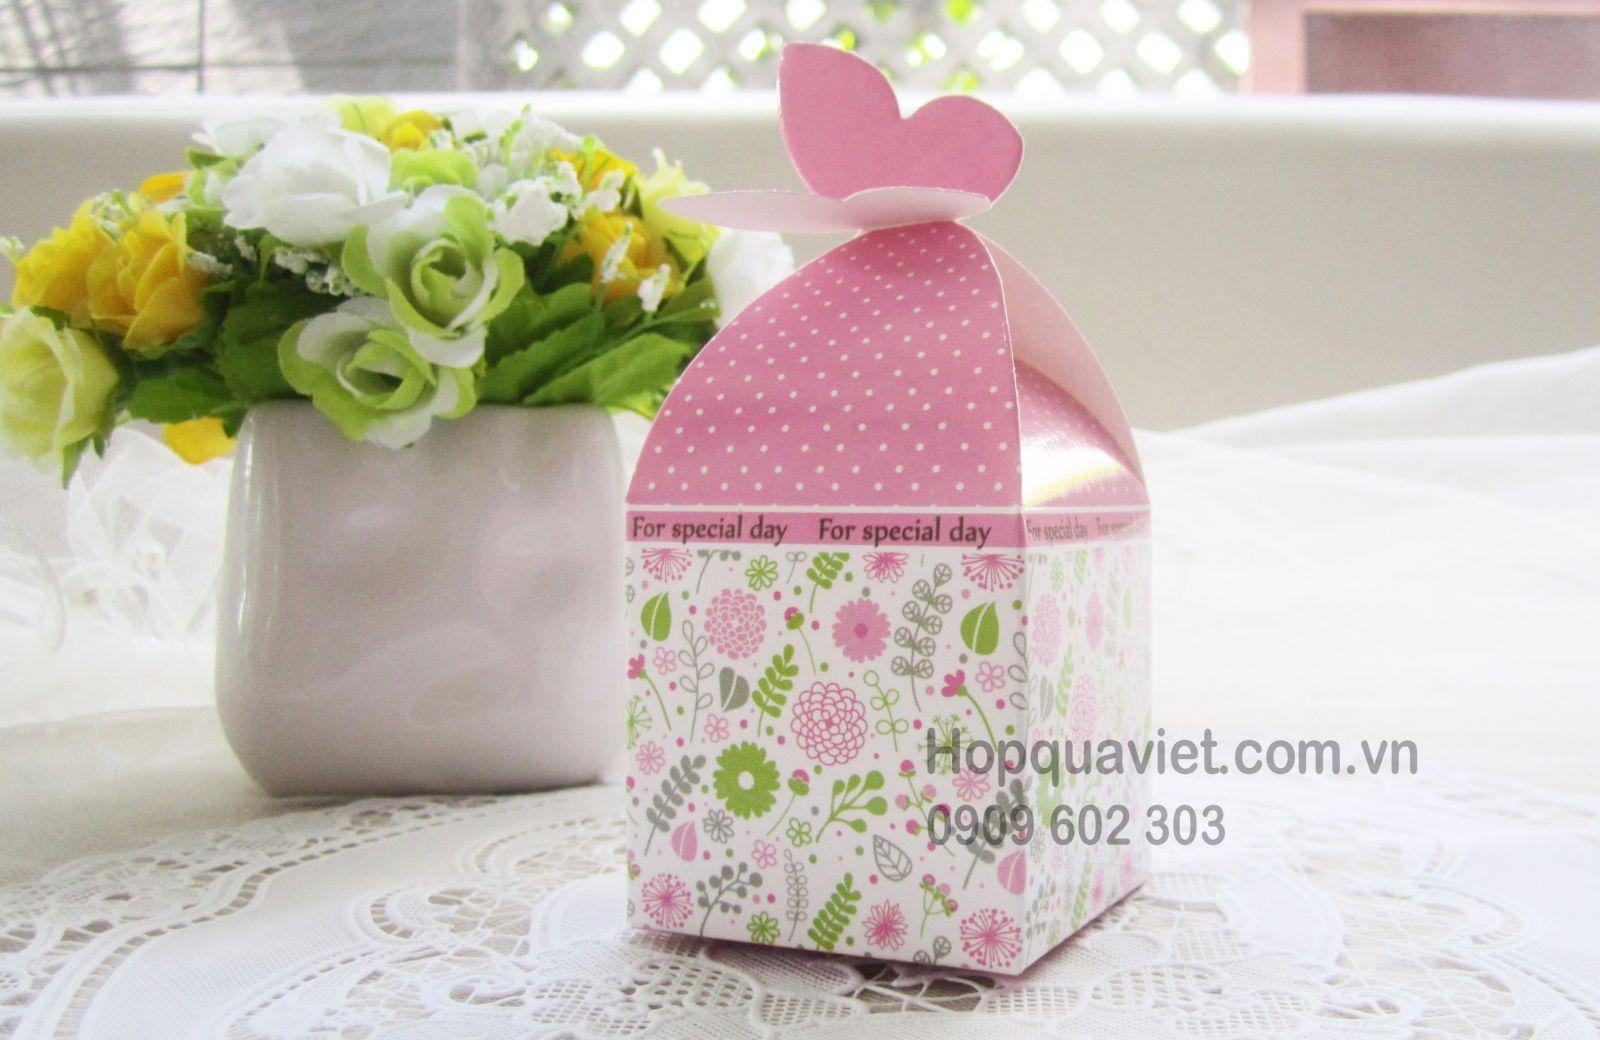 Hộp quà cưới cánh bướm hồng 3H